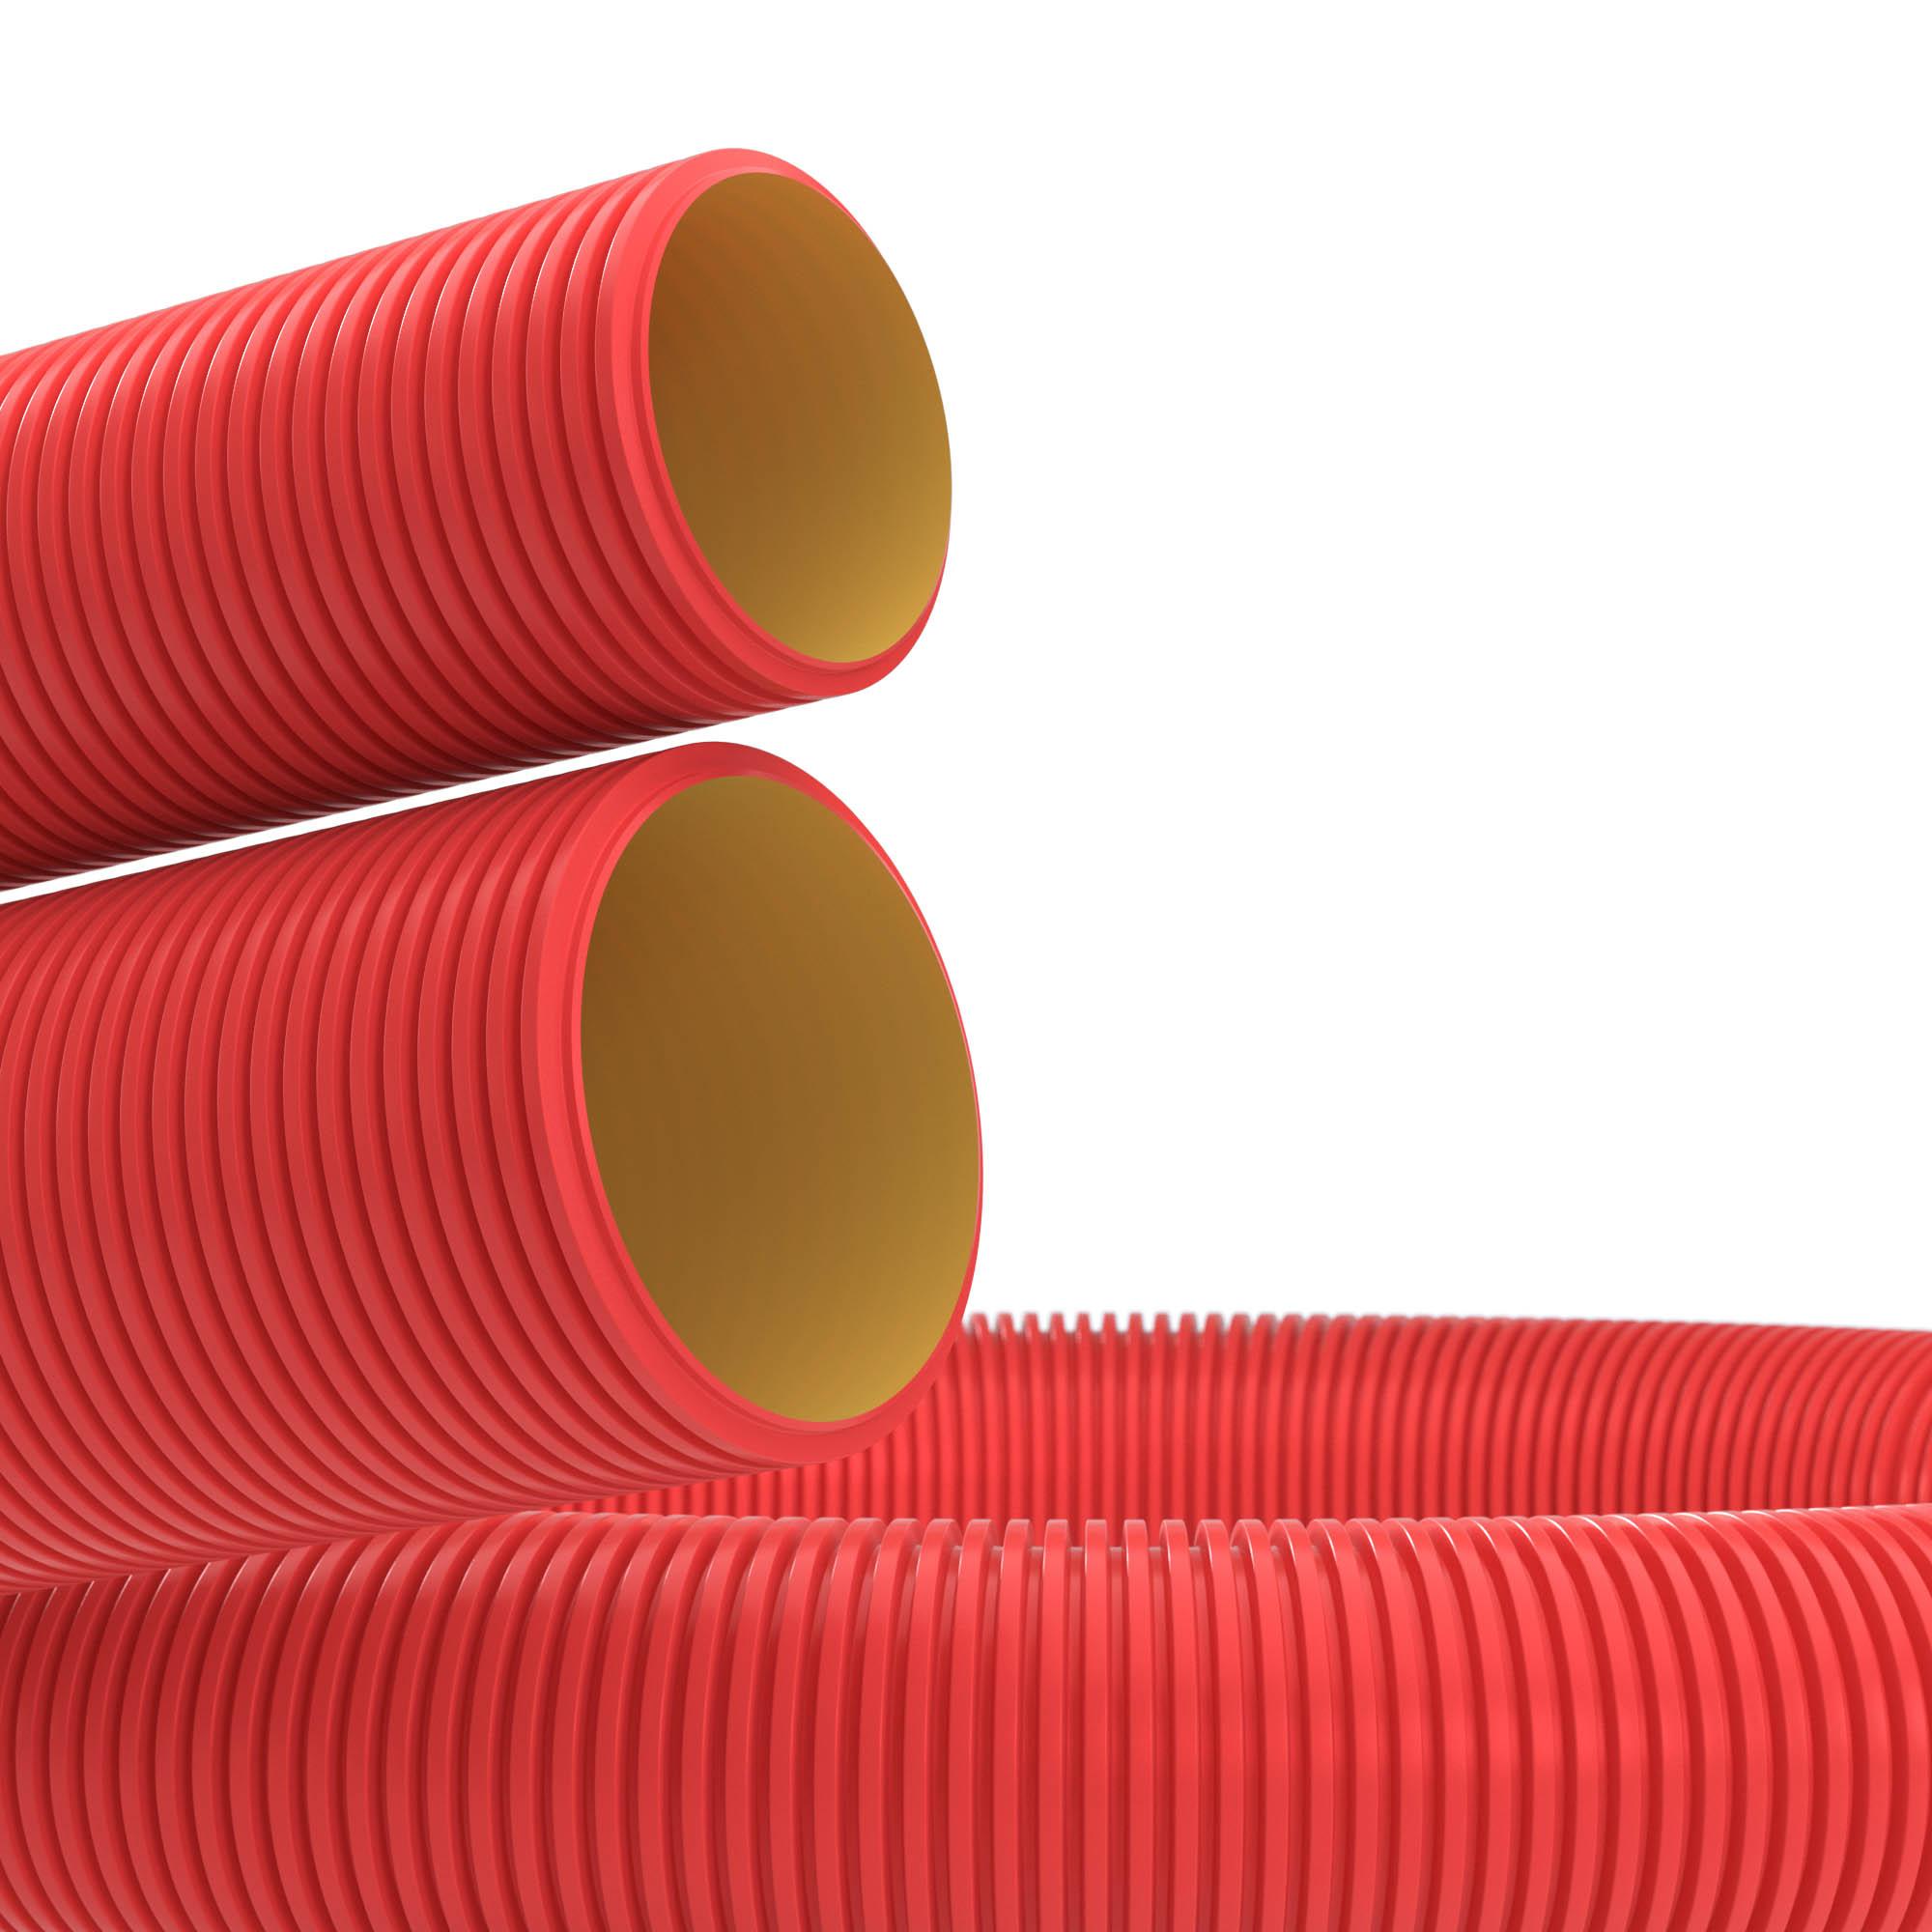 Двустенная труба ПНД гибкая для кабельной канализации d 50мм с протяжкой SN13 250Н красный